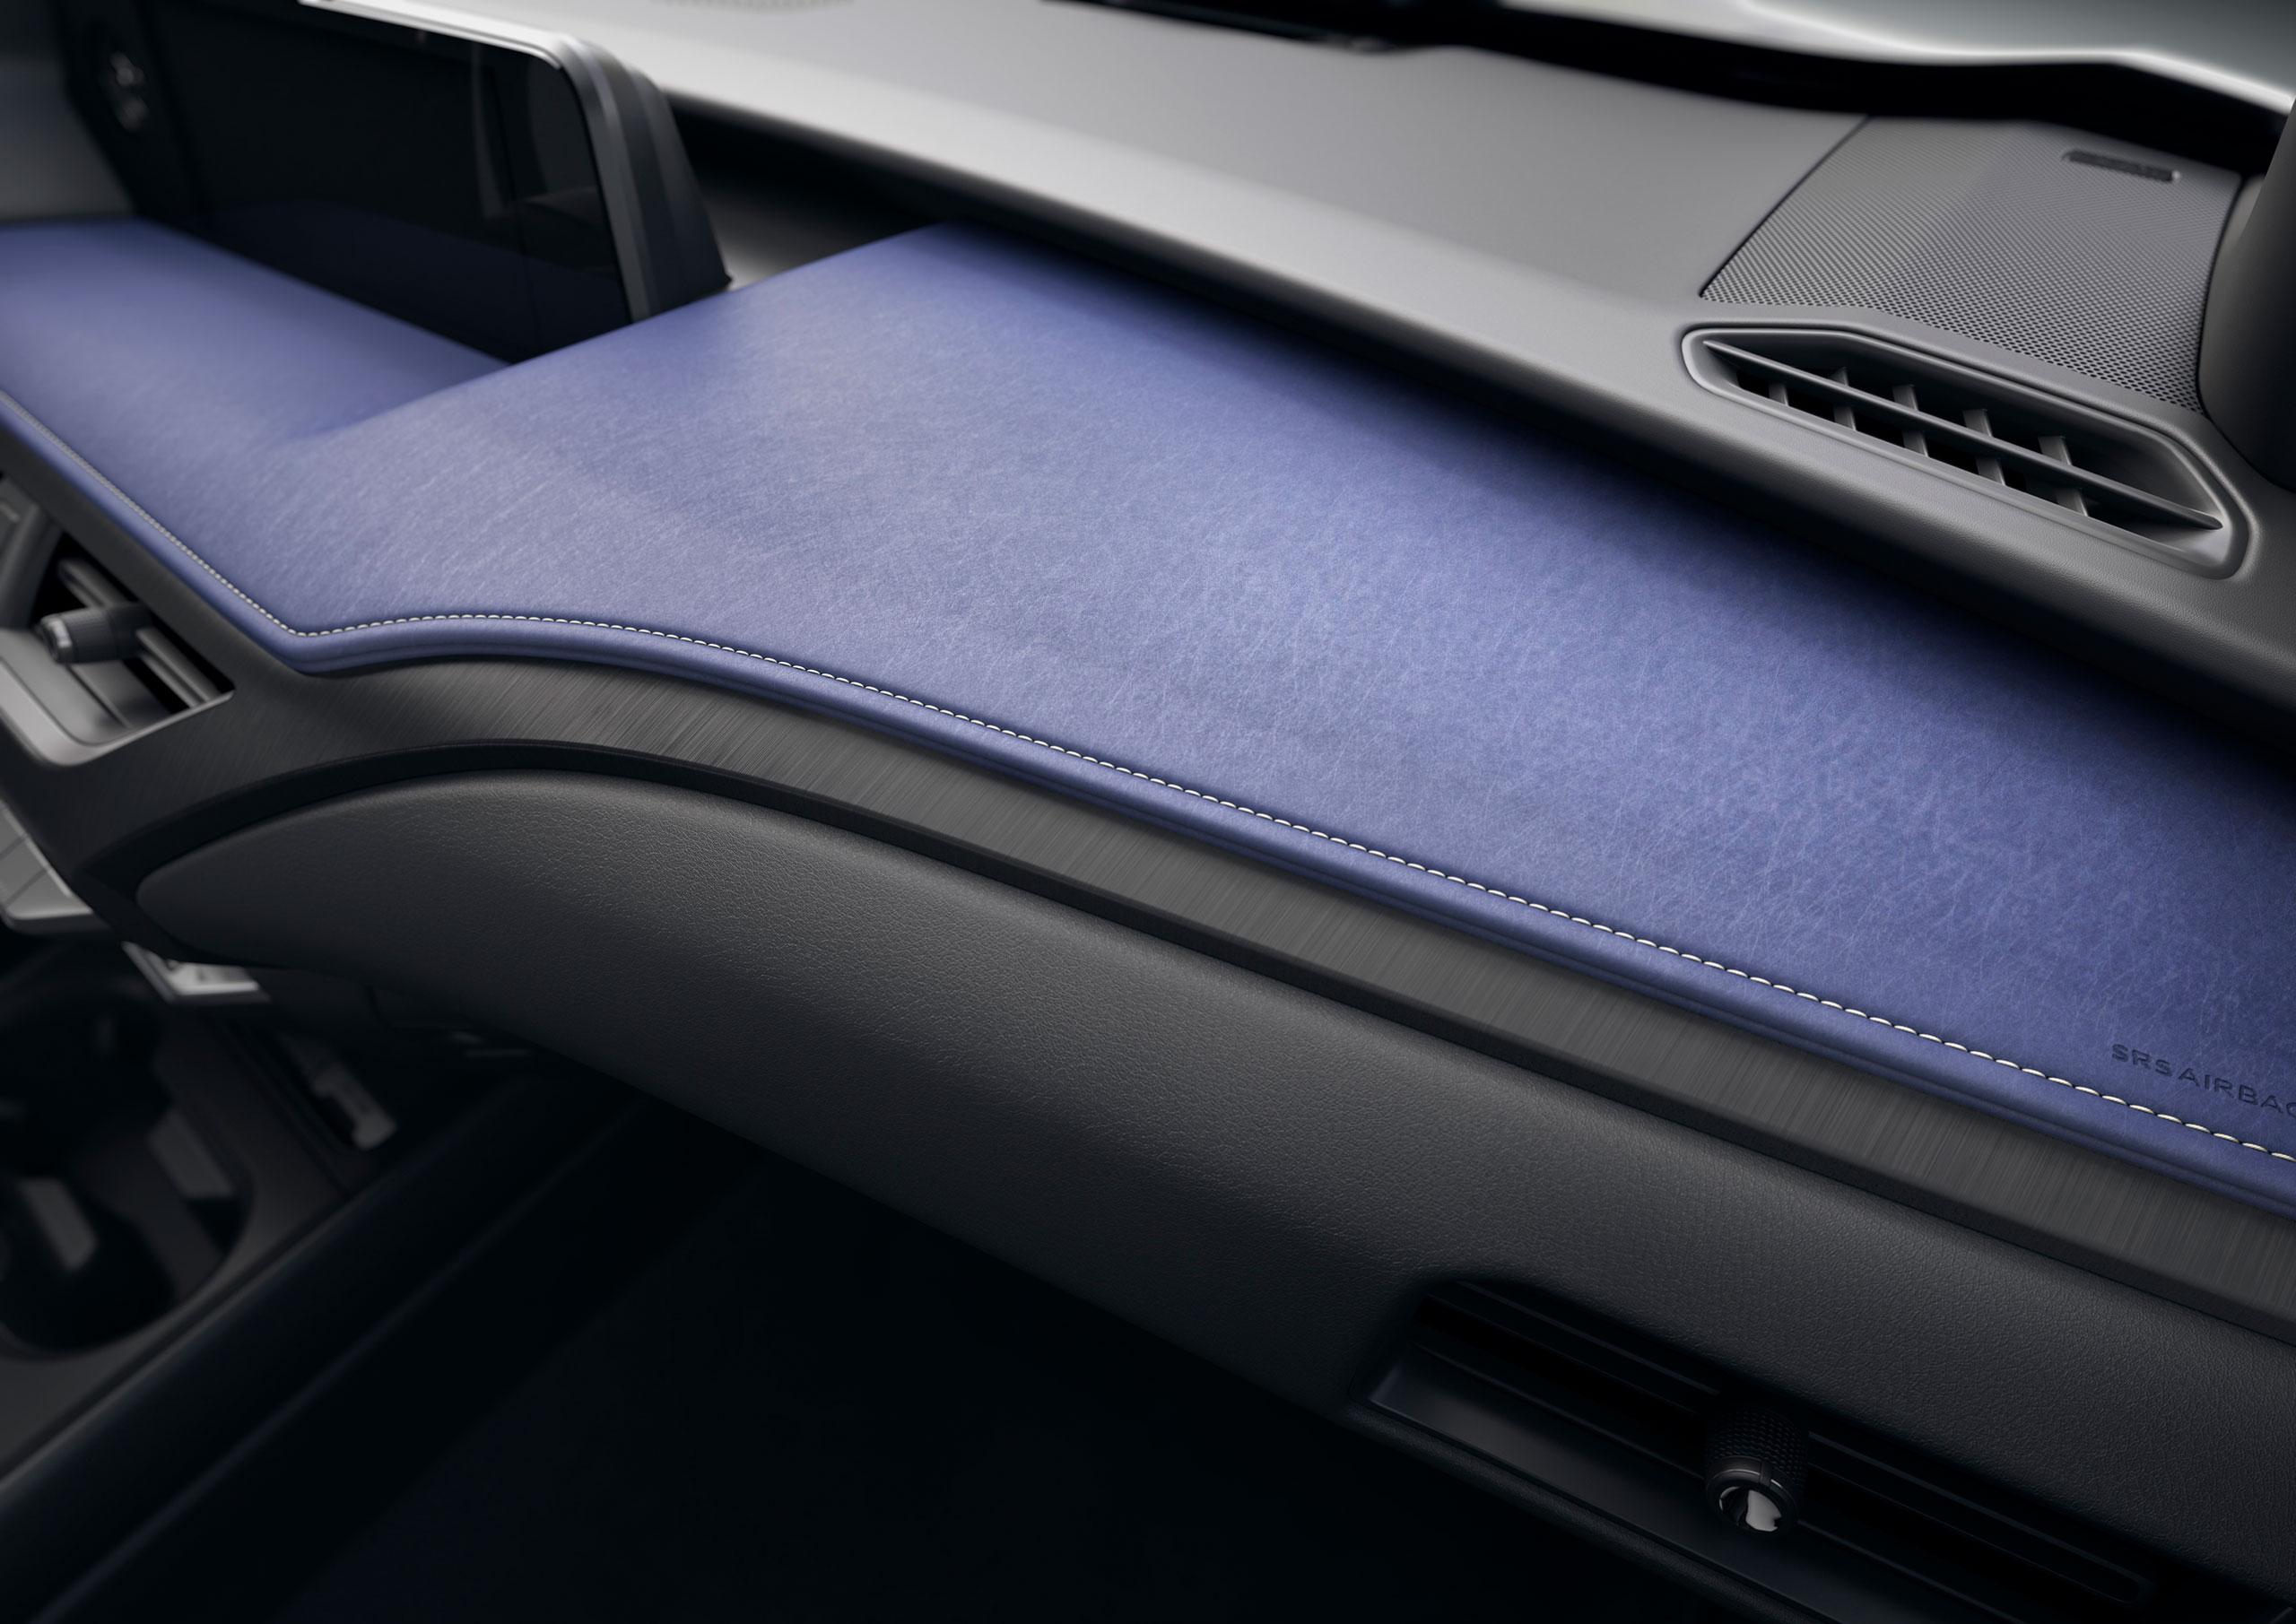 2018 - [Lexus] UX - Page 2 18-03-06-gallery-lexus-ux-reveal-50